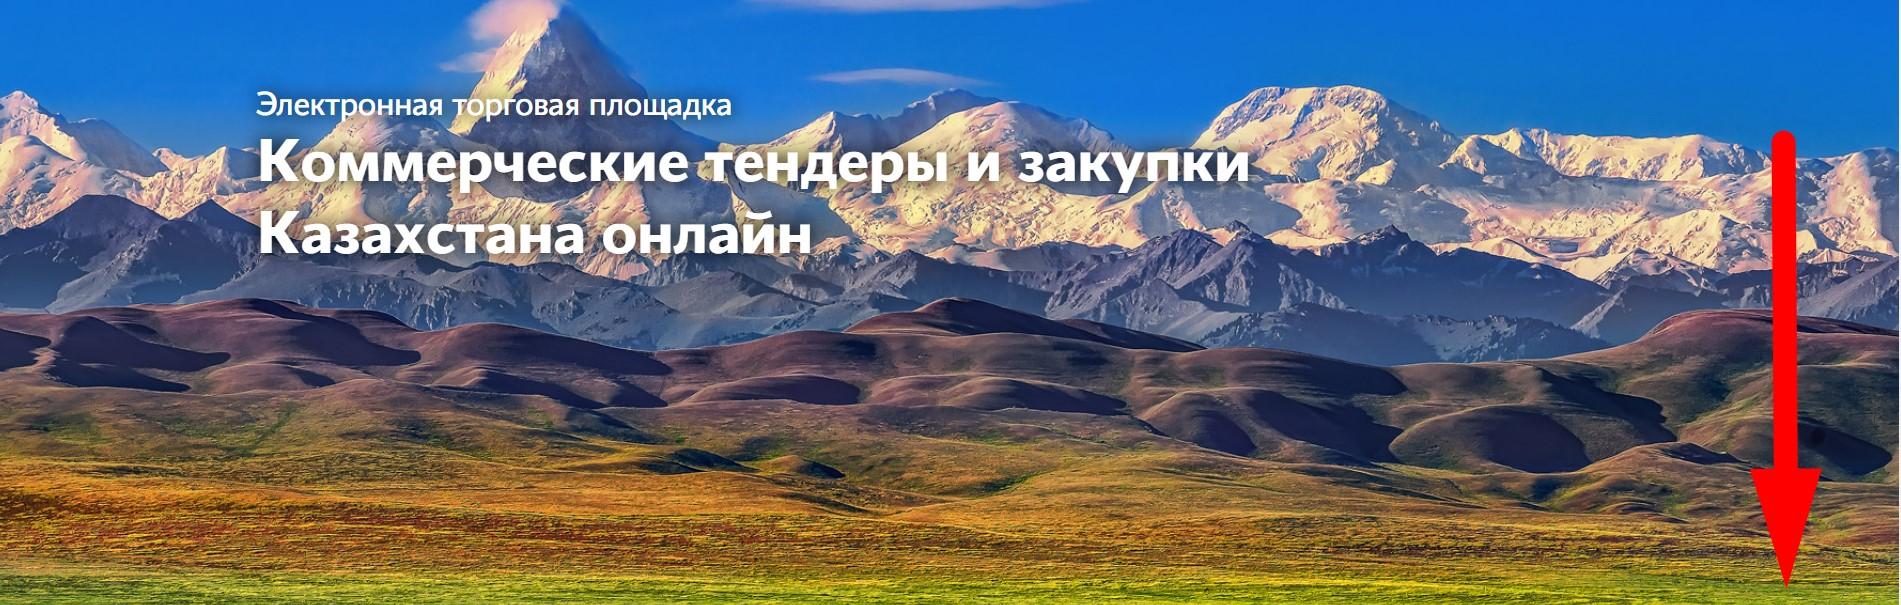 горы и долина